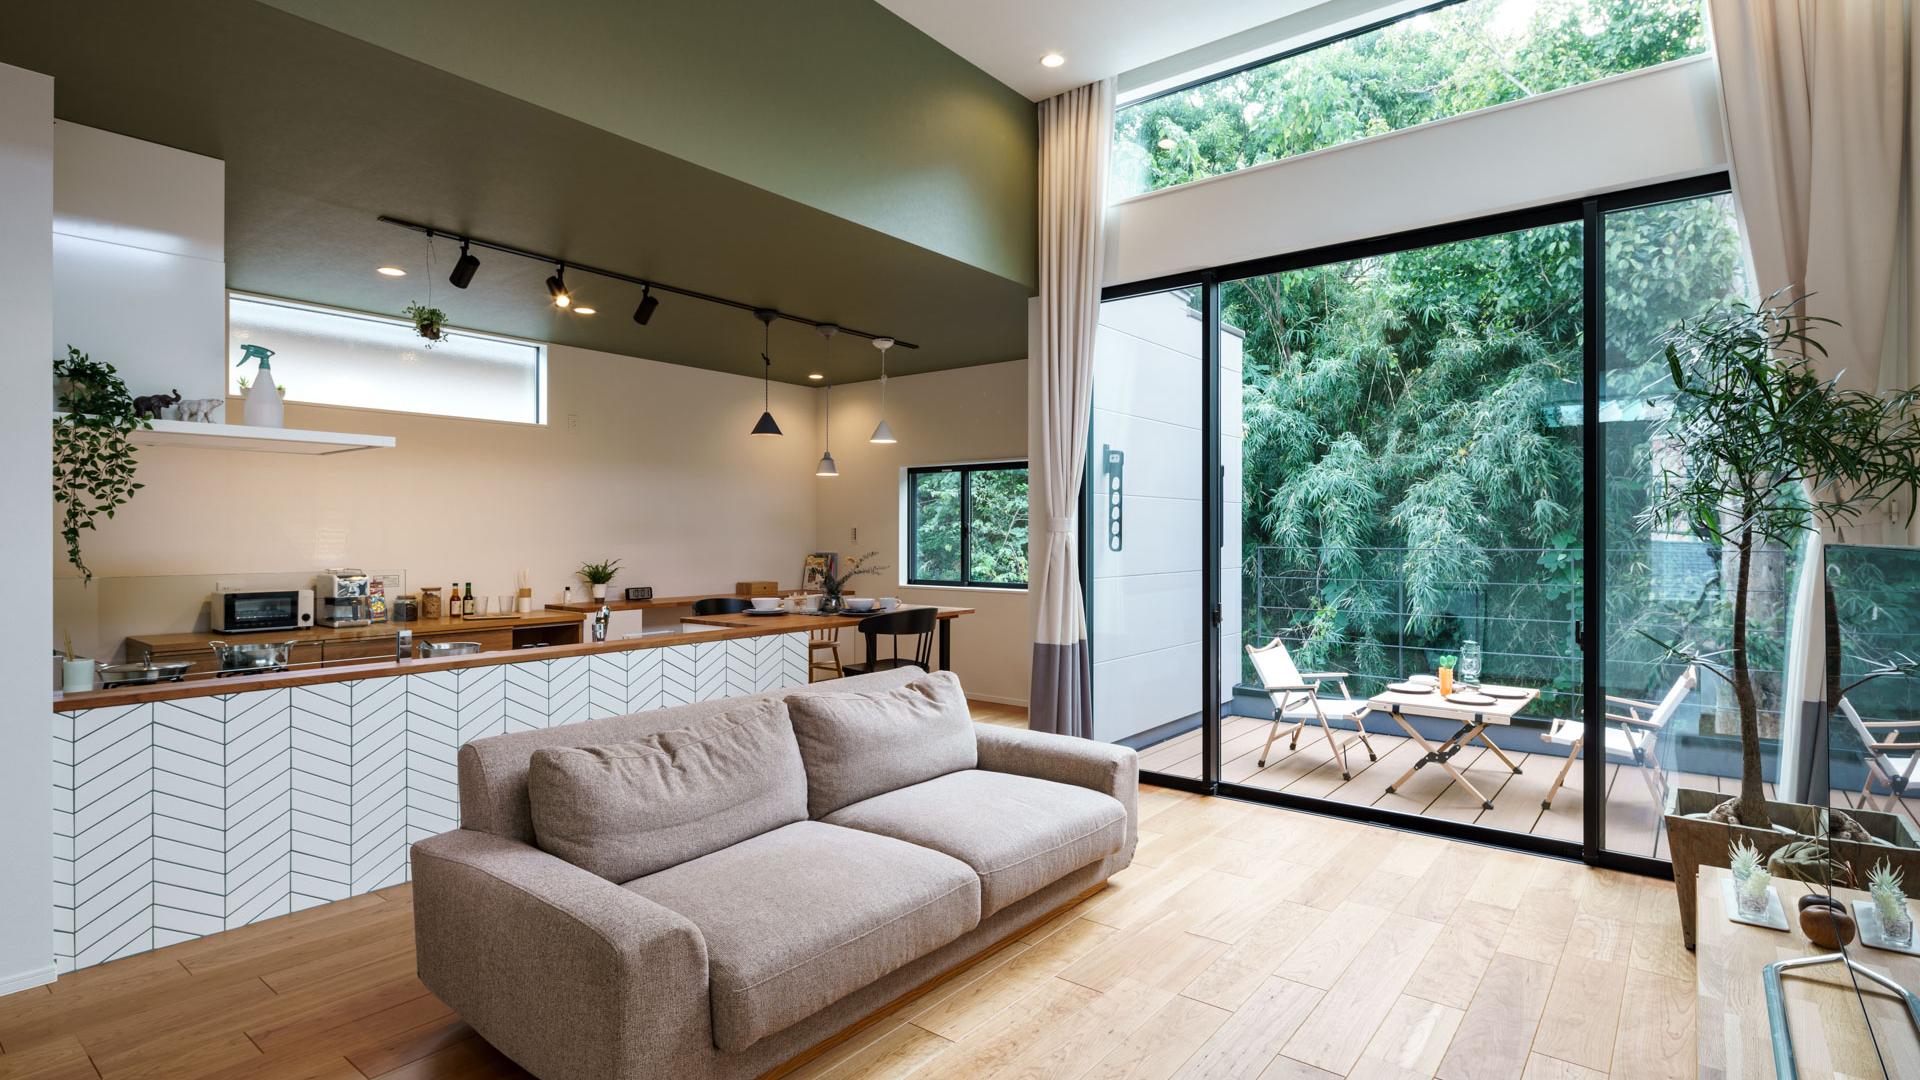 住宅建築写真のRAW現像